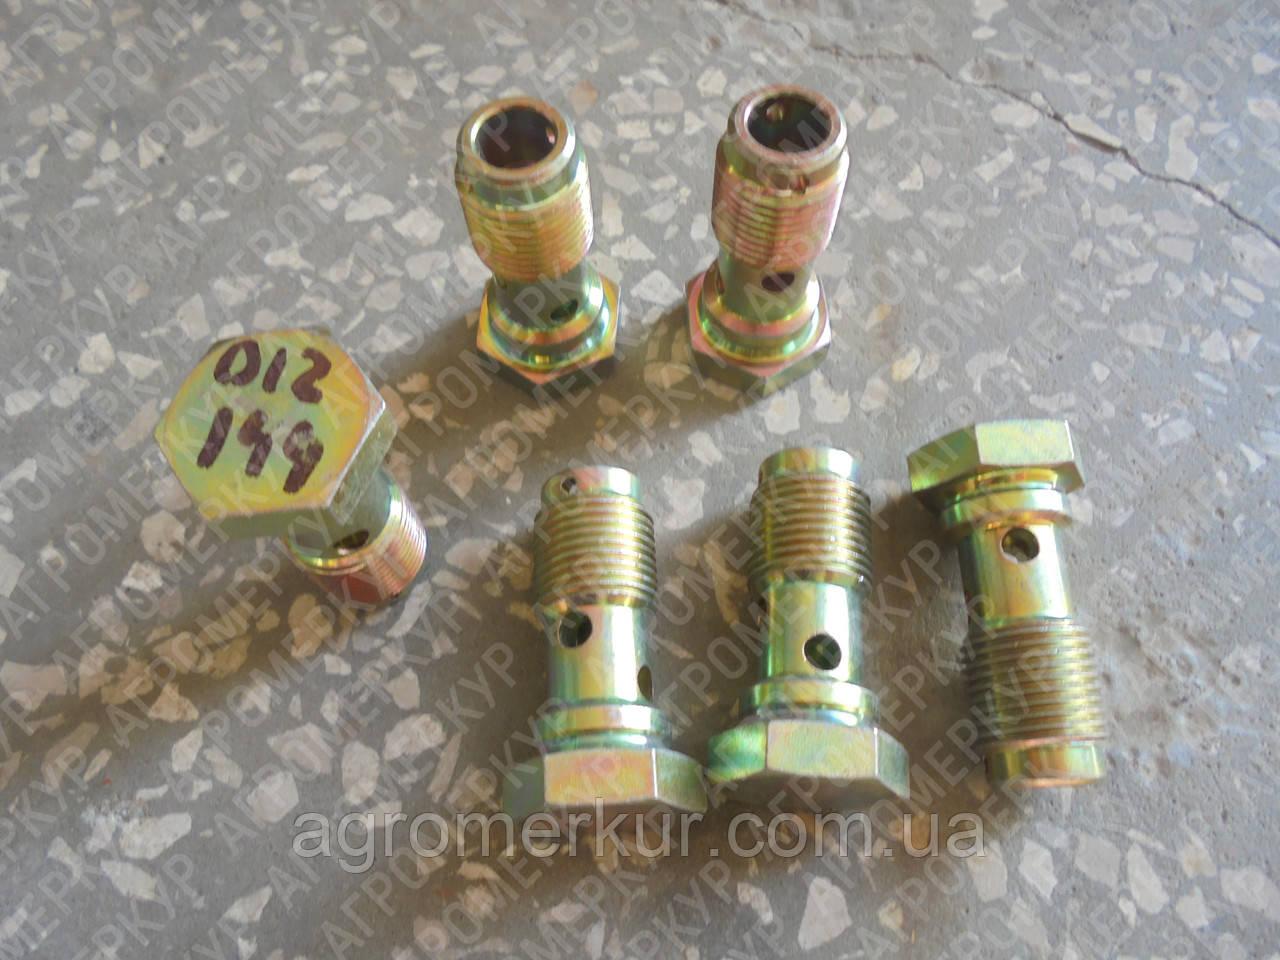 Клапан гідравлічний KK012144 Kverneland